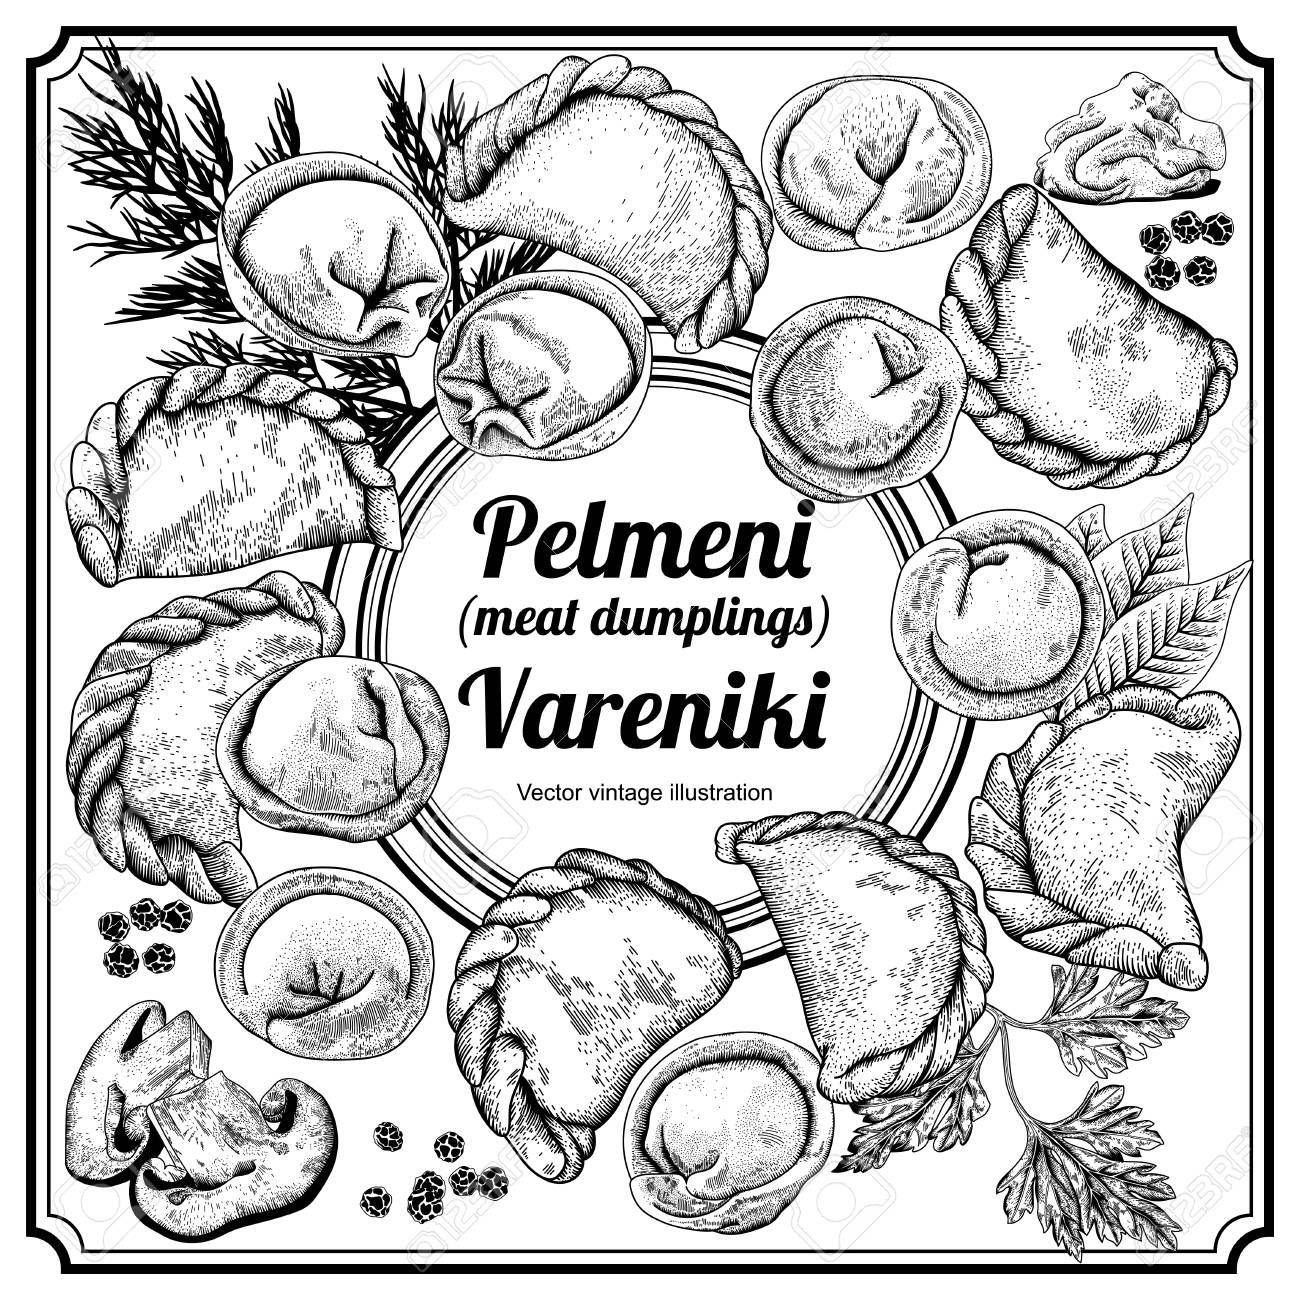 vareniki pelmeni meat dumplings food dill parsley black  pelmeni meat dumplings food dill parsley black pepper